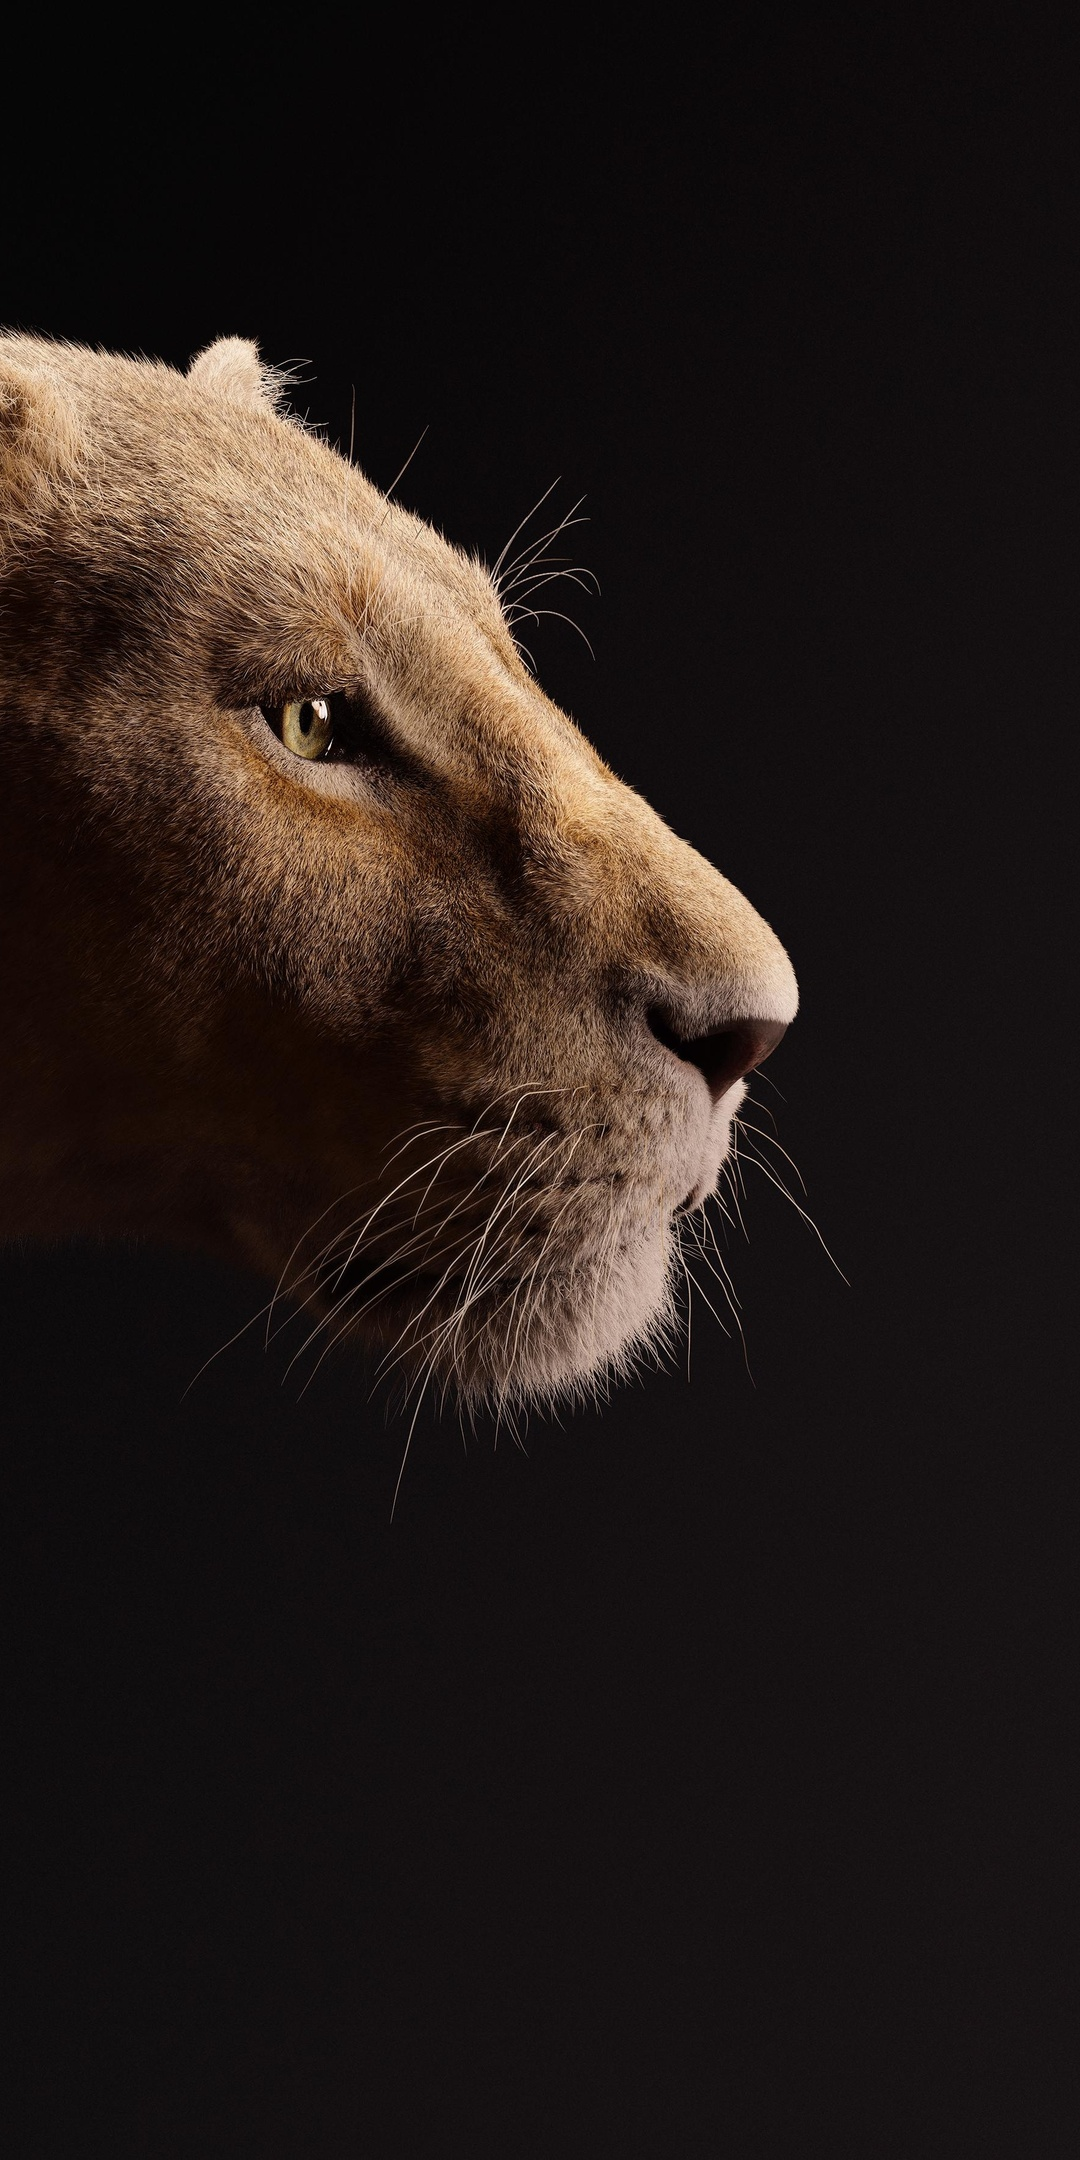 beyonce-as-nala-the-lion-king-2019-5k-32.jpg